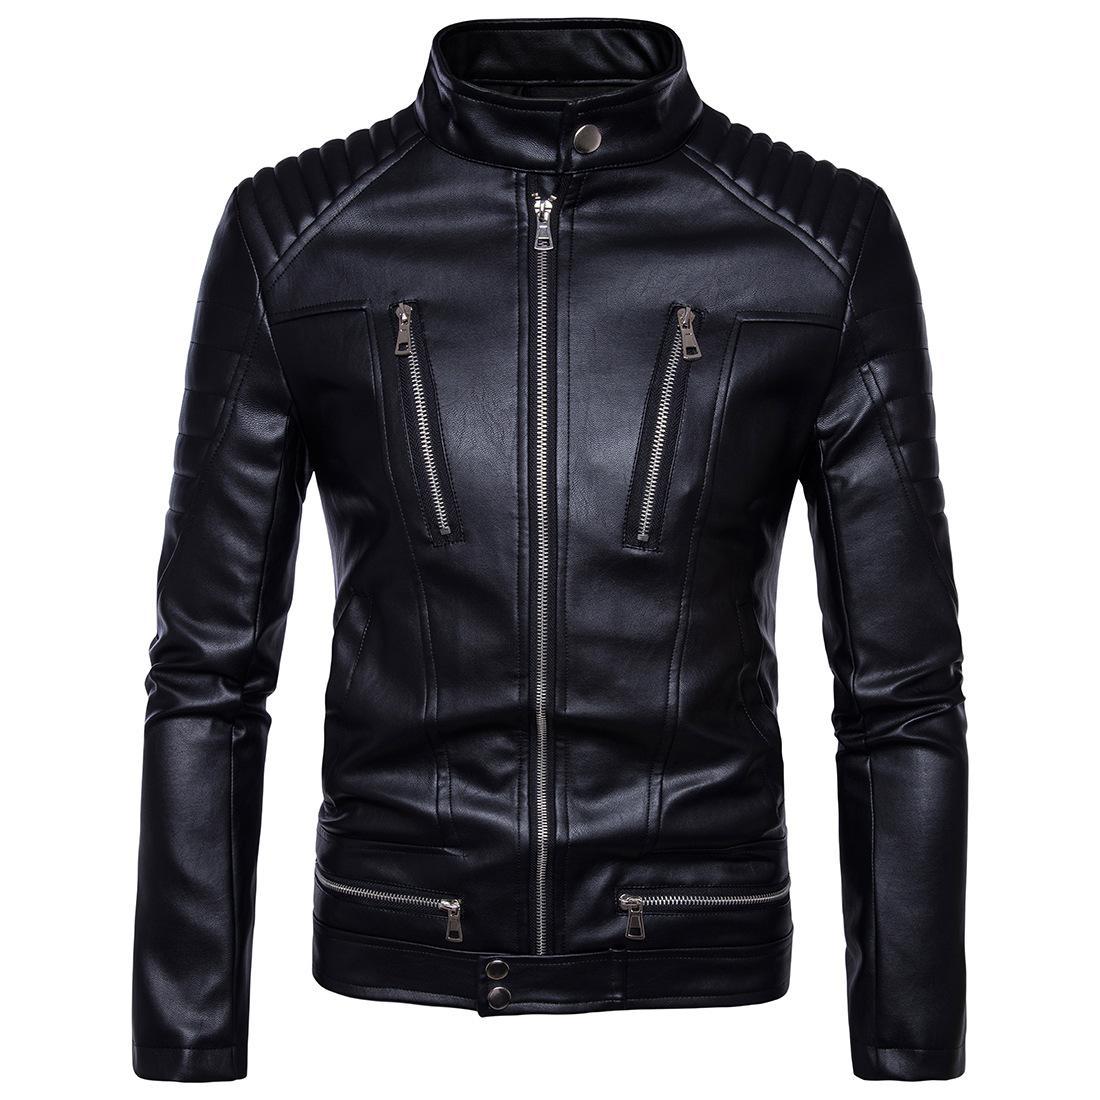 2017 망은 모피 코트 의류 패션 파일럿 오토바이 수입 쪽의 두개골 가죽 재킷 남성 슬림 맞춤 B013 가짜